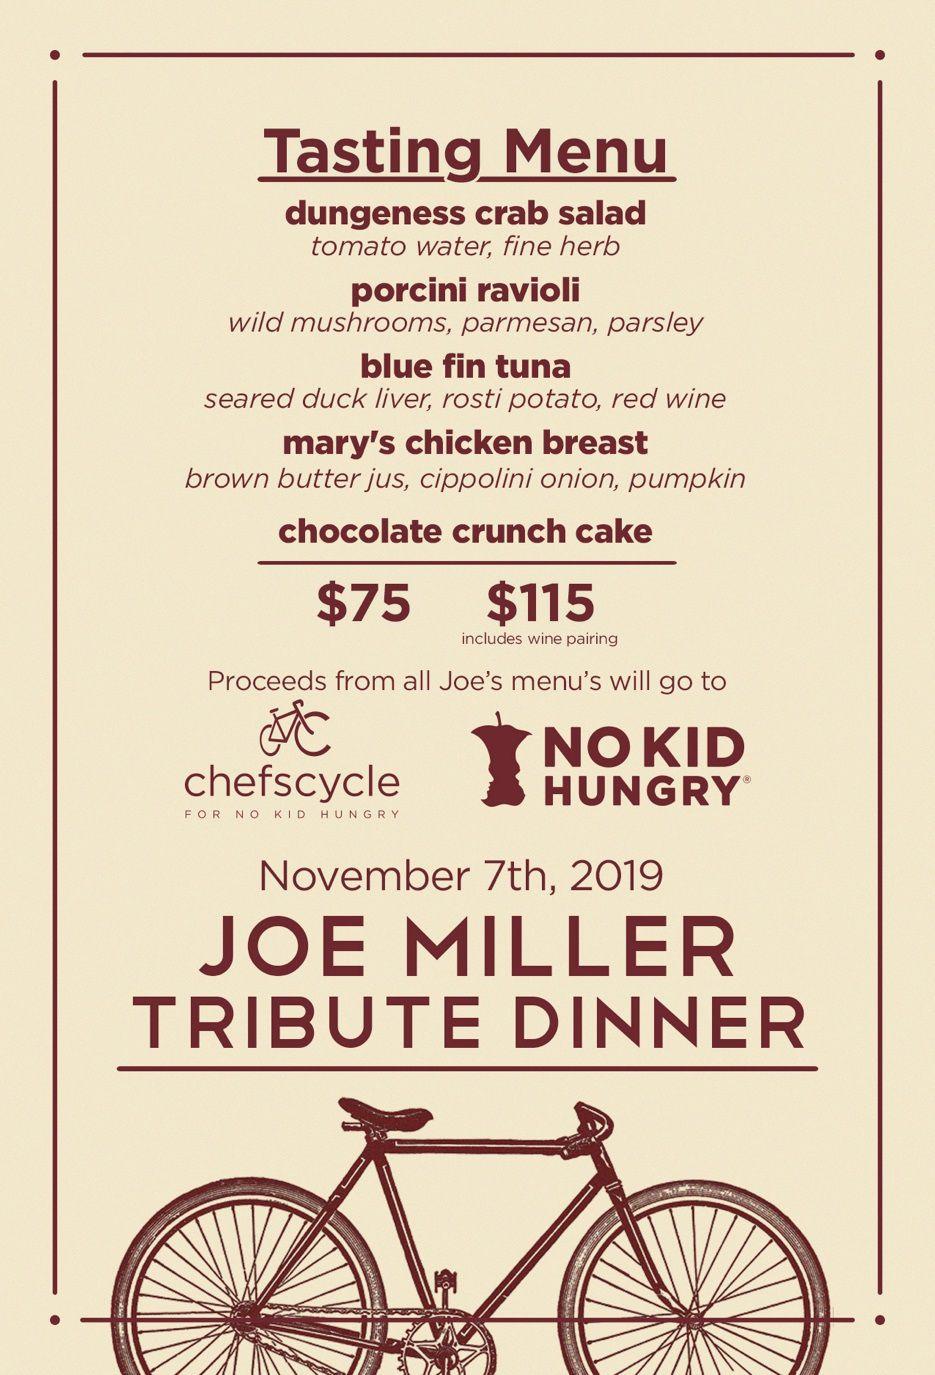 Joe Miller tribute dinner poster